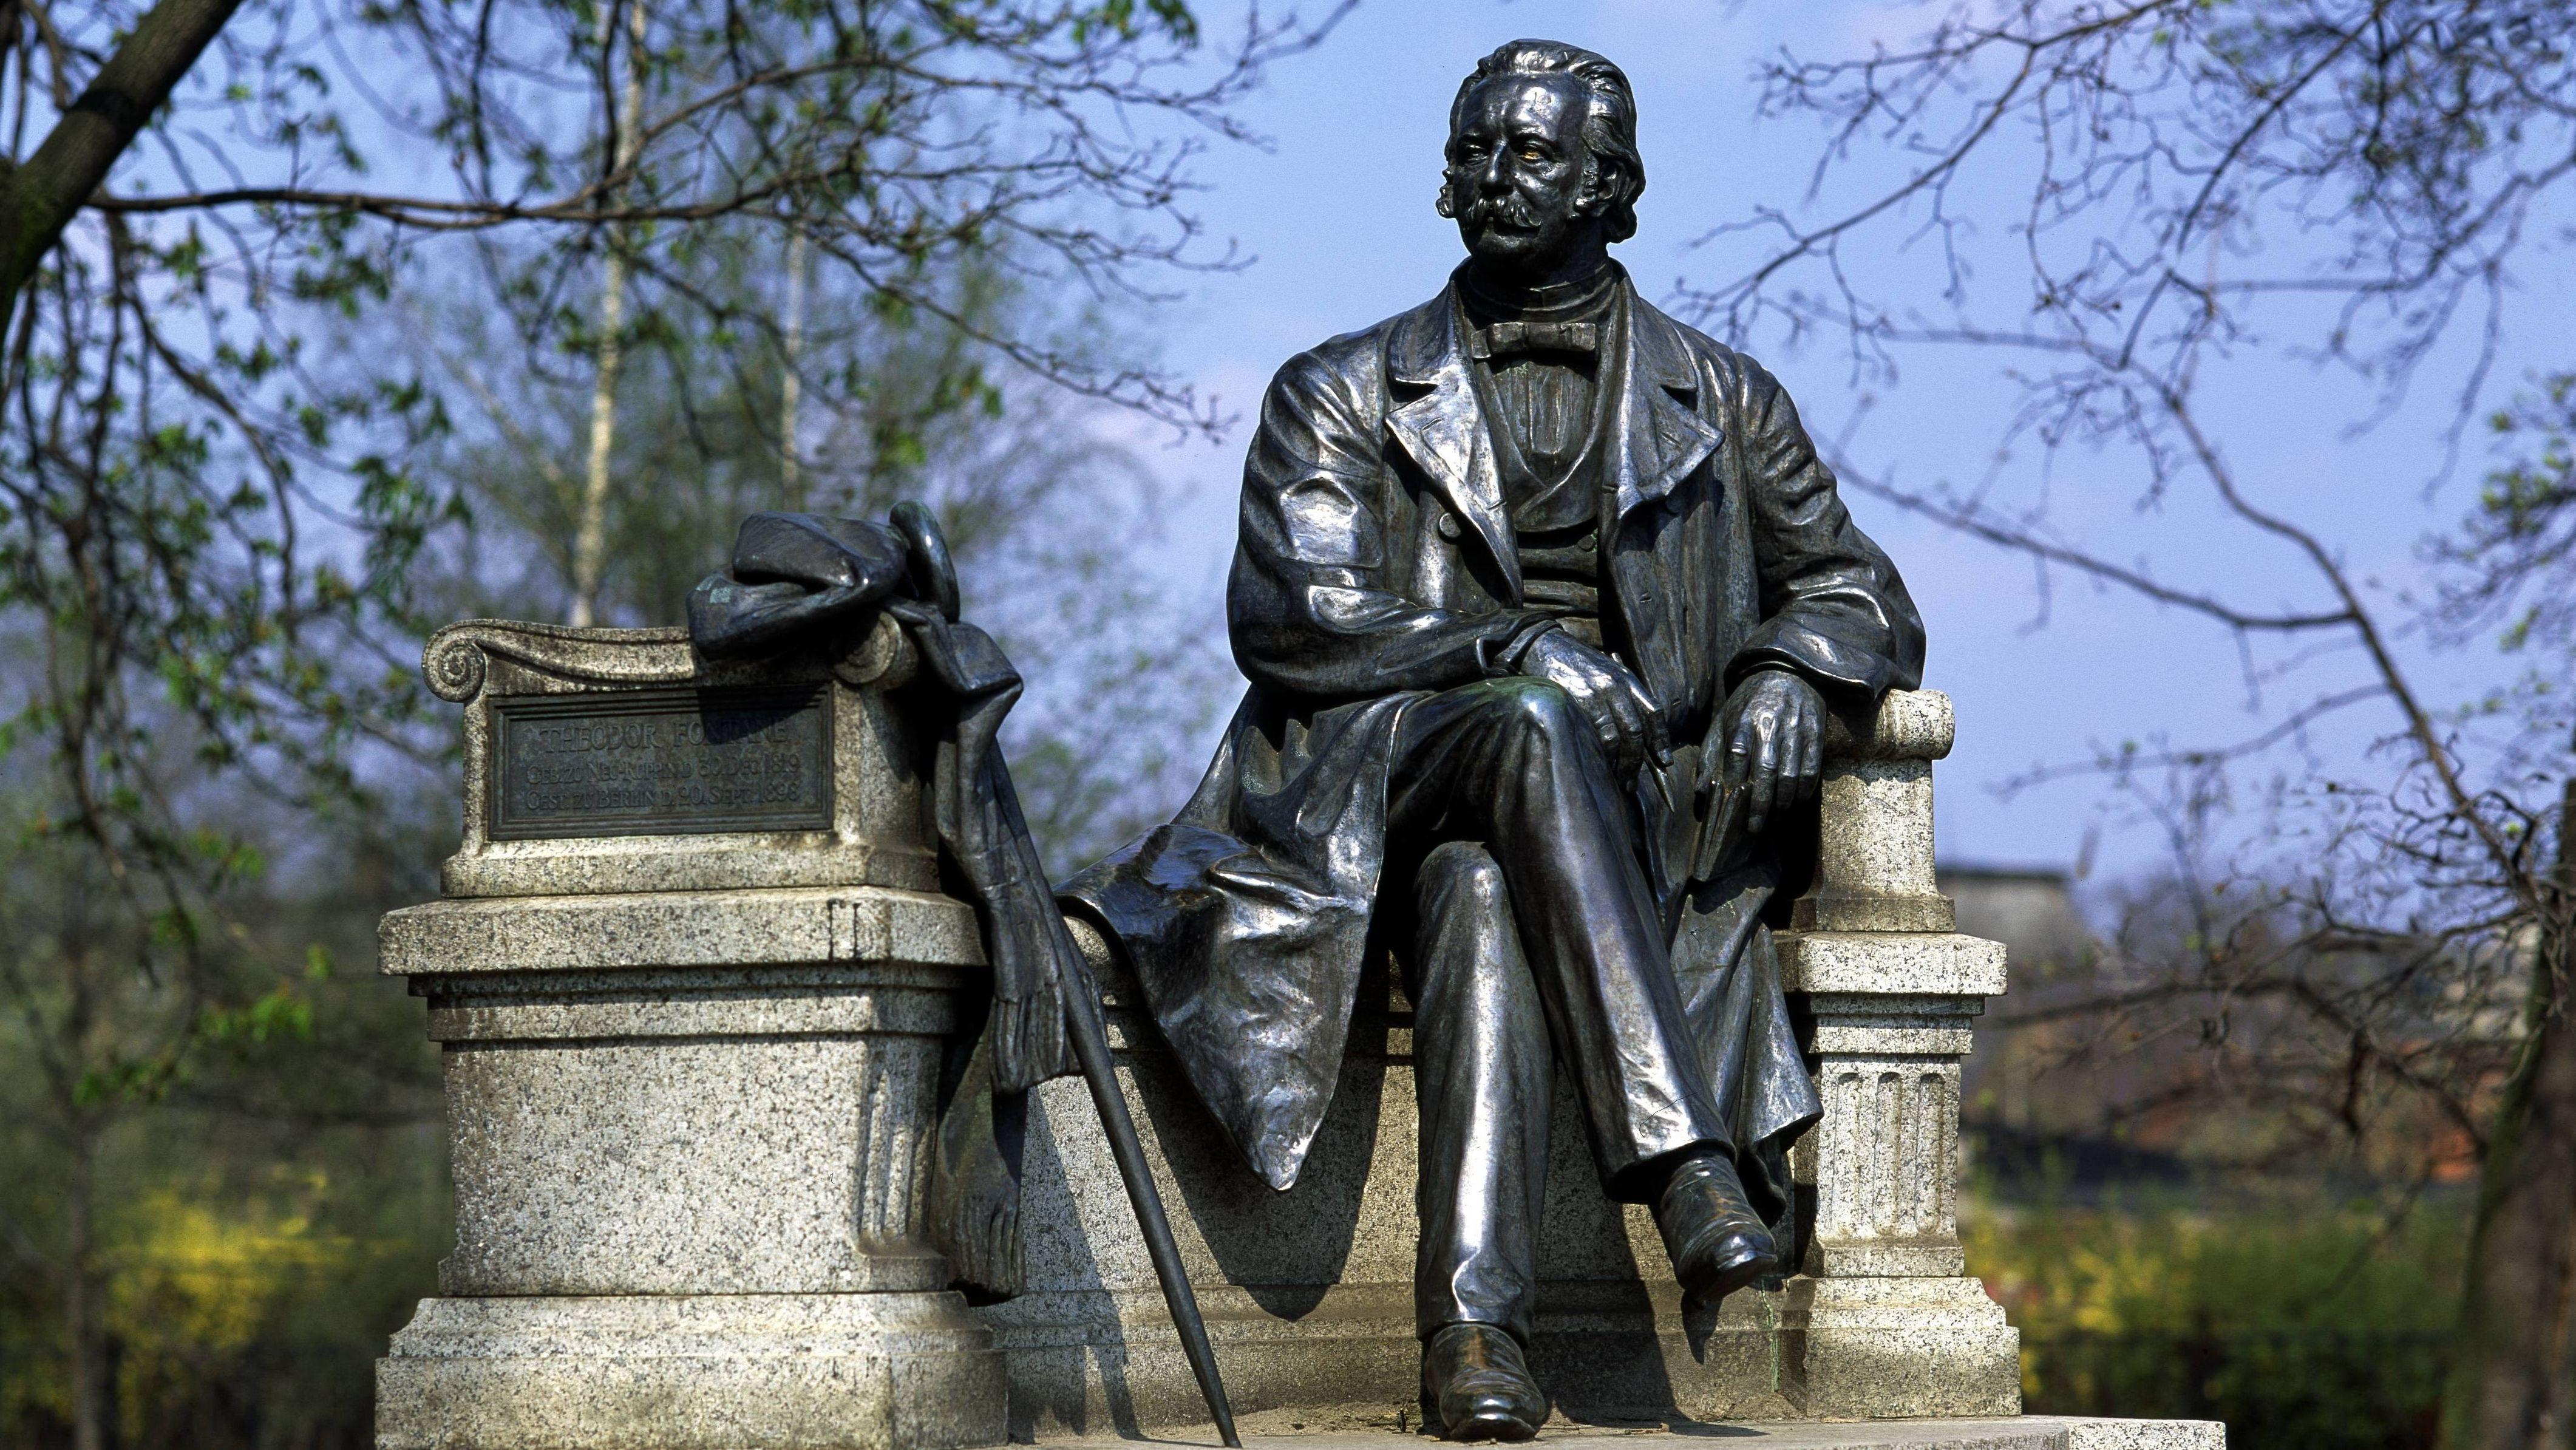 Das bronzene Fontane-Denkmal in Neuruppin zeigt den Autor lebensgroß und in sitzender Pose auf einer Steinbank.